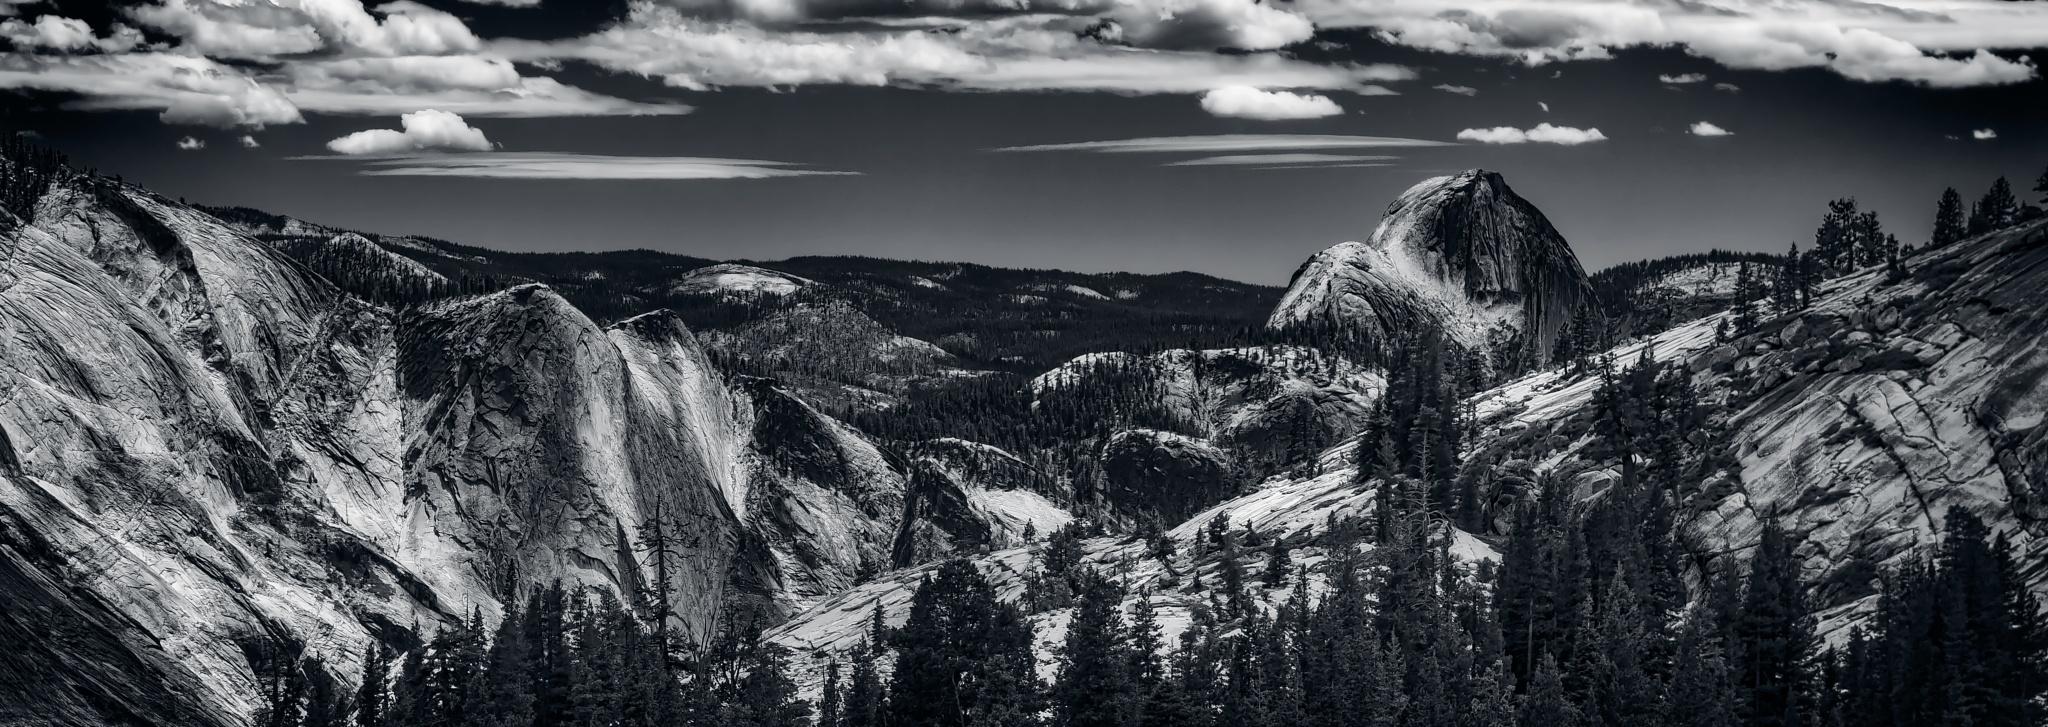 Rough Terrain by DamianBaker